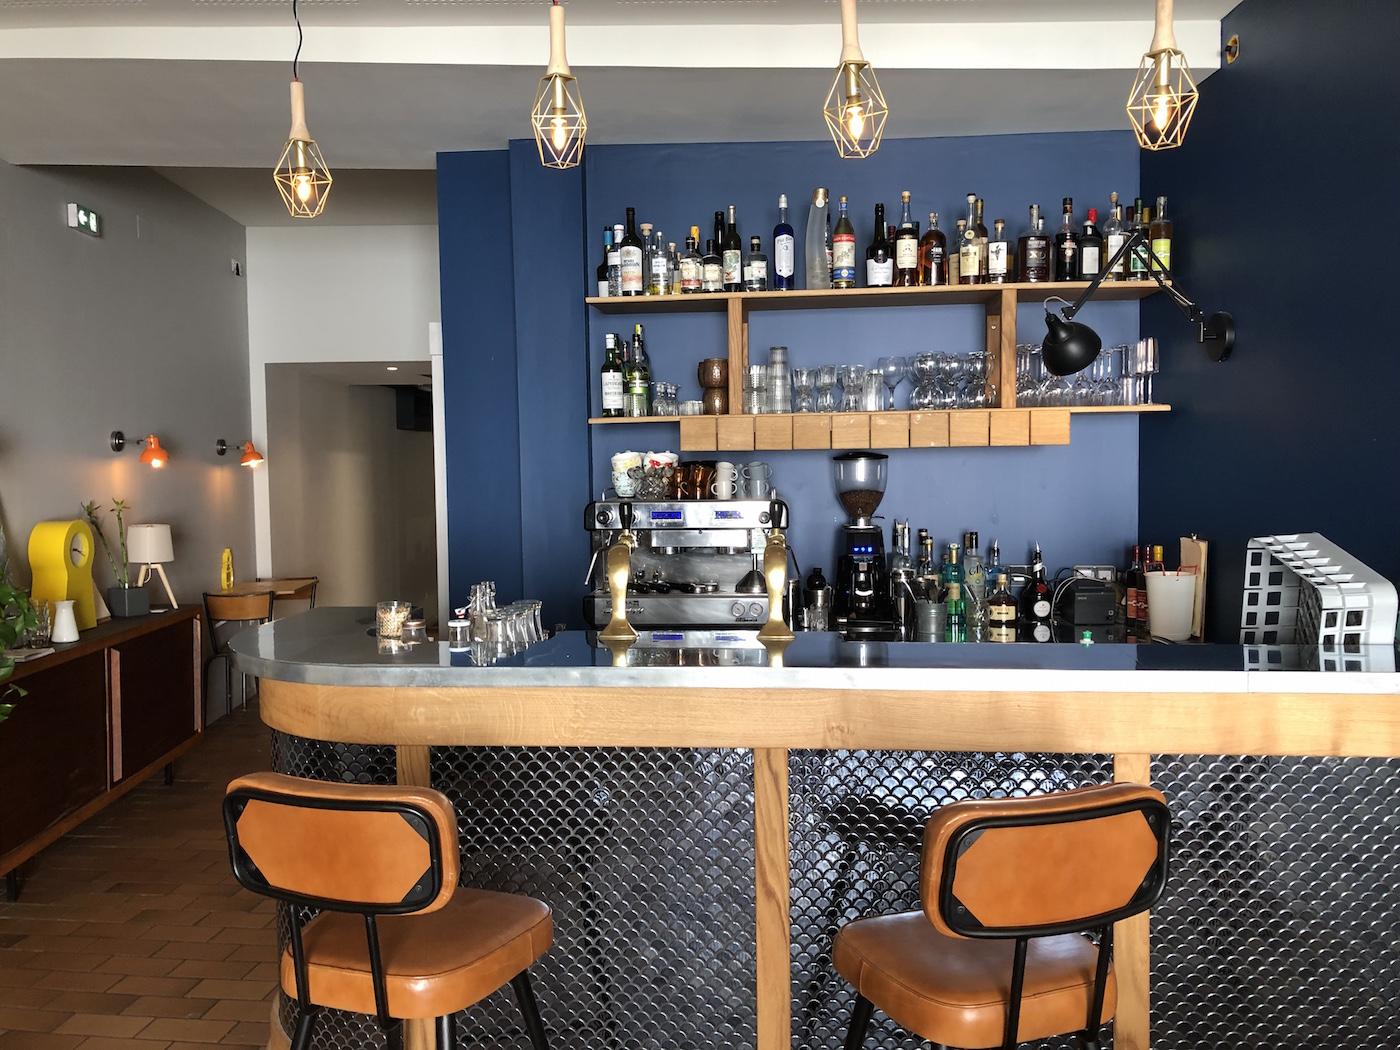 Cuisine ouverte et bar cocktails apr s travaux le Bar cuisine ouverte